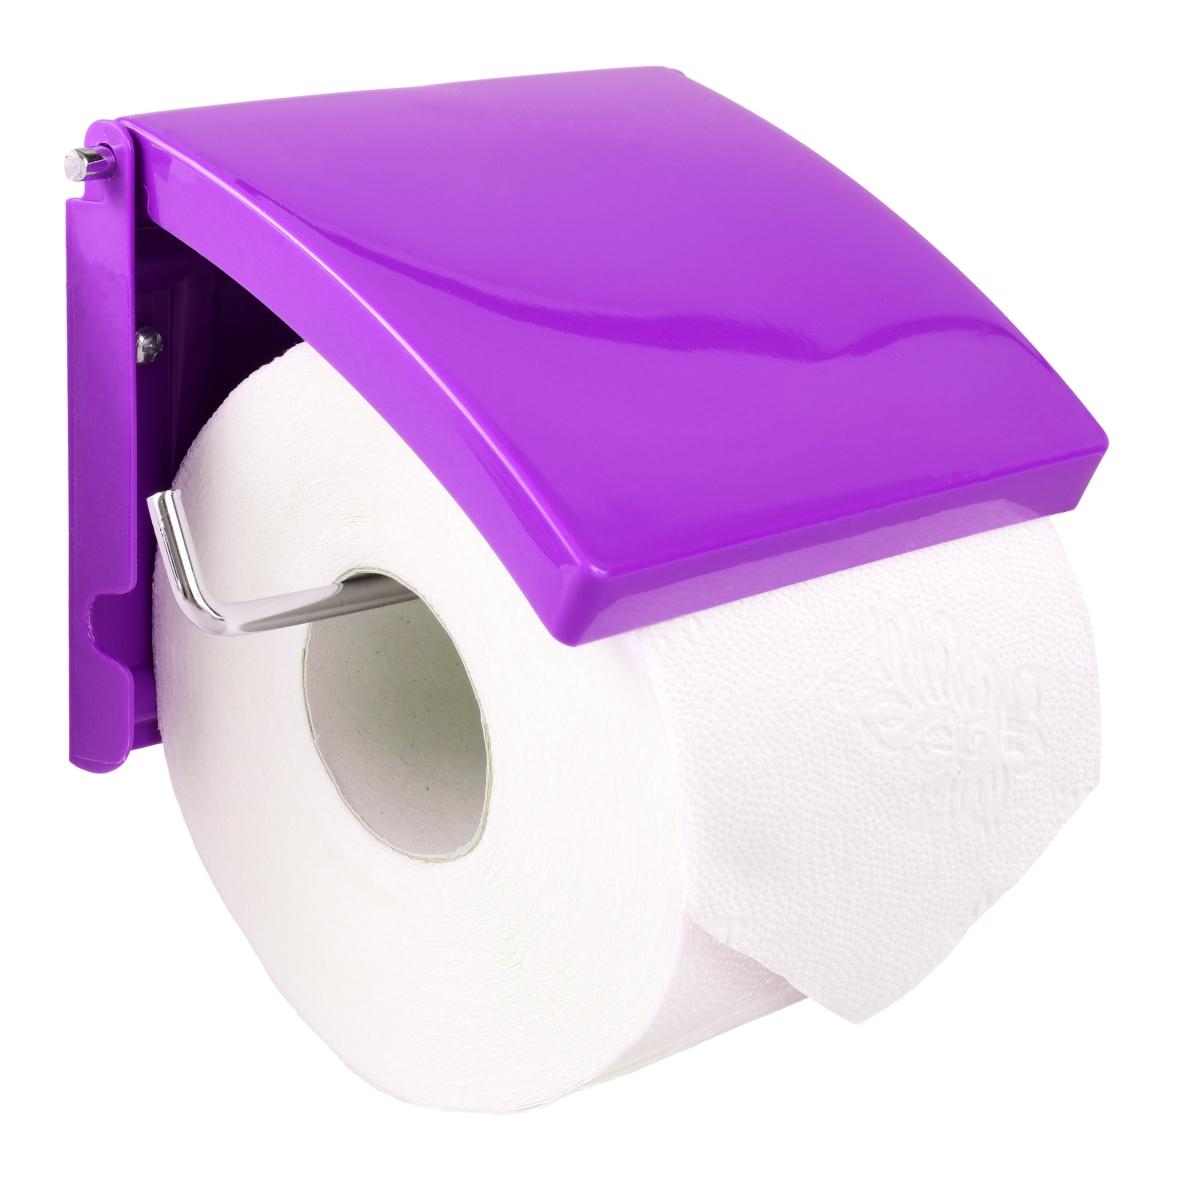 Držák toaletního papíru šeříkově fialový